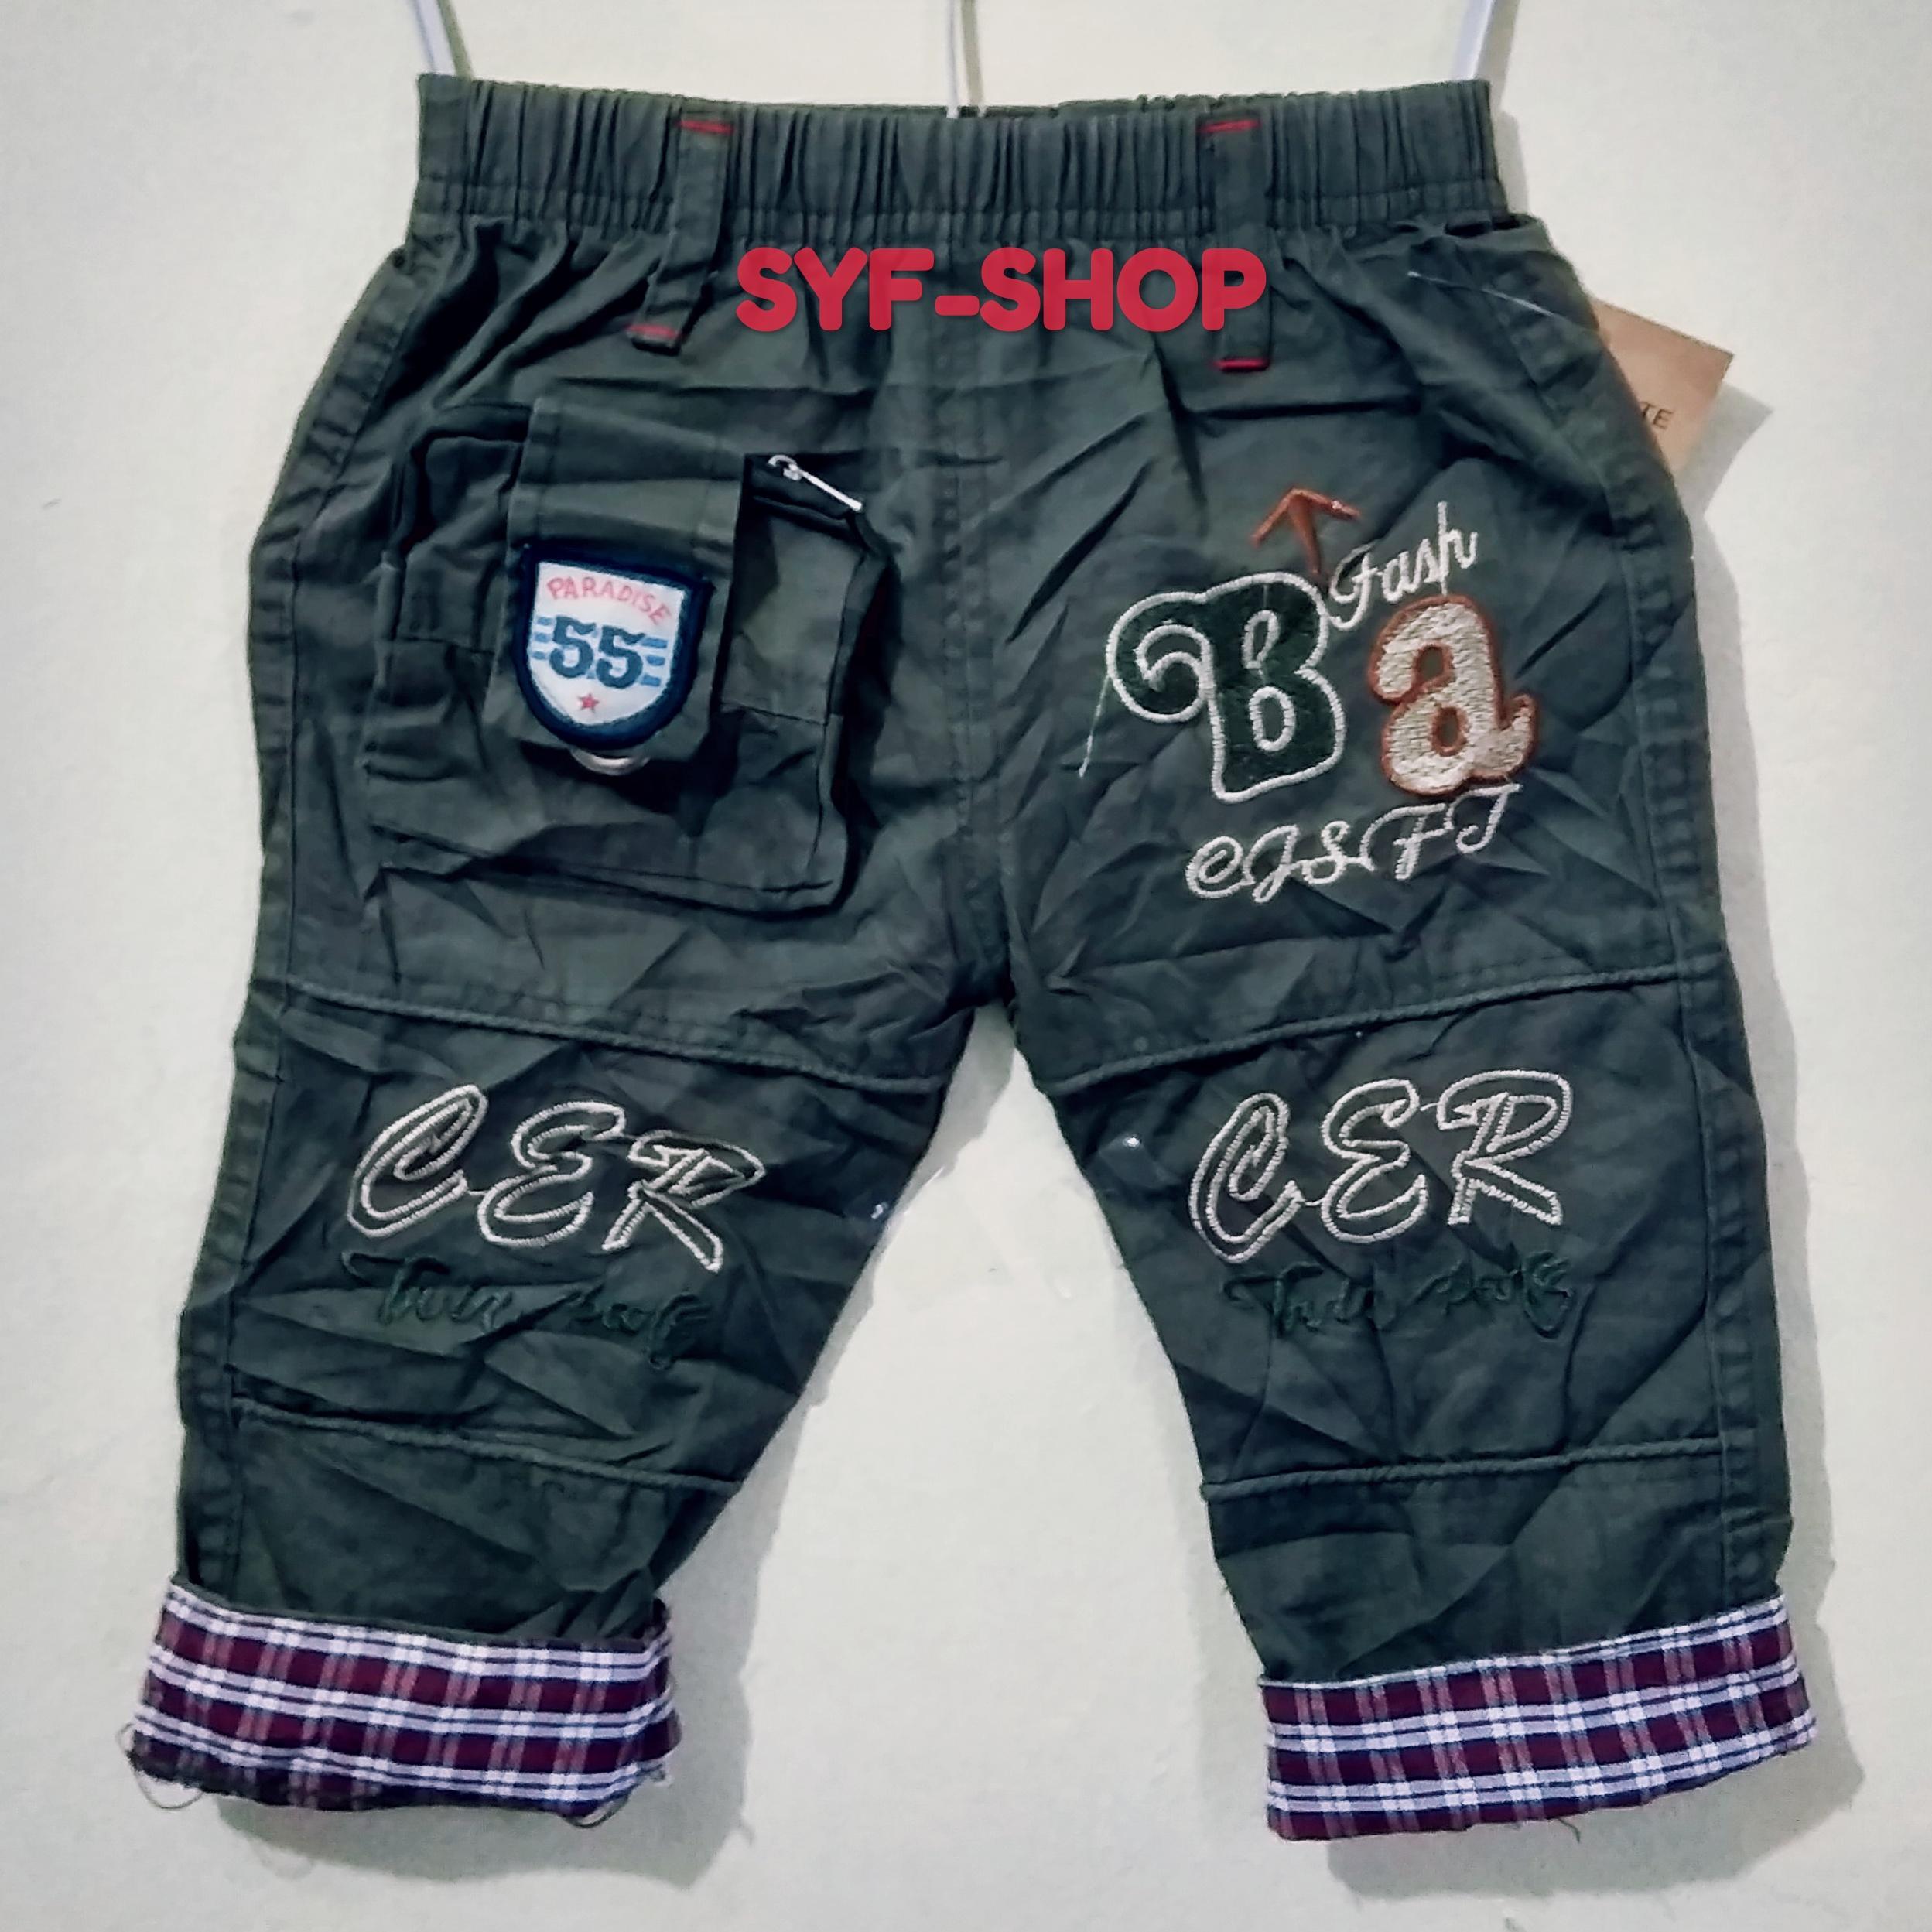 syf-shop celana panjang anak casual untuk usia 2-4-6-8thn